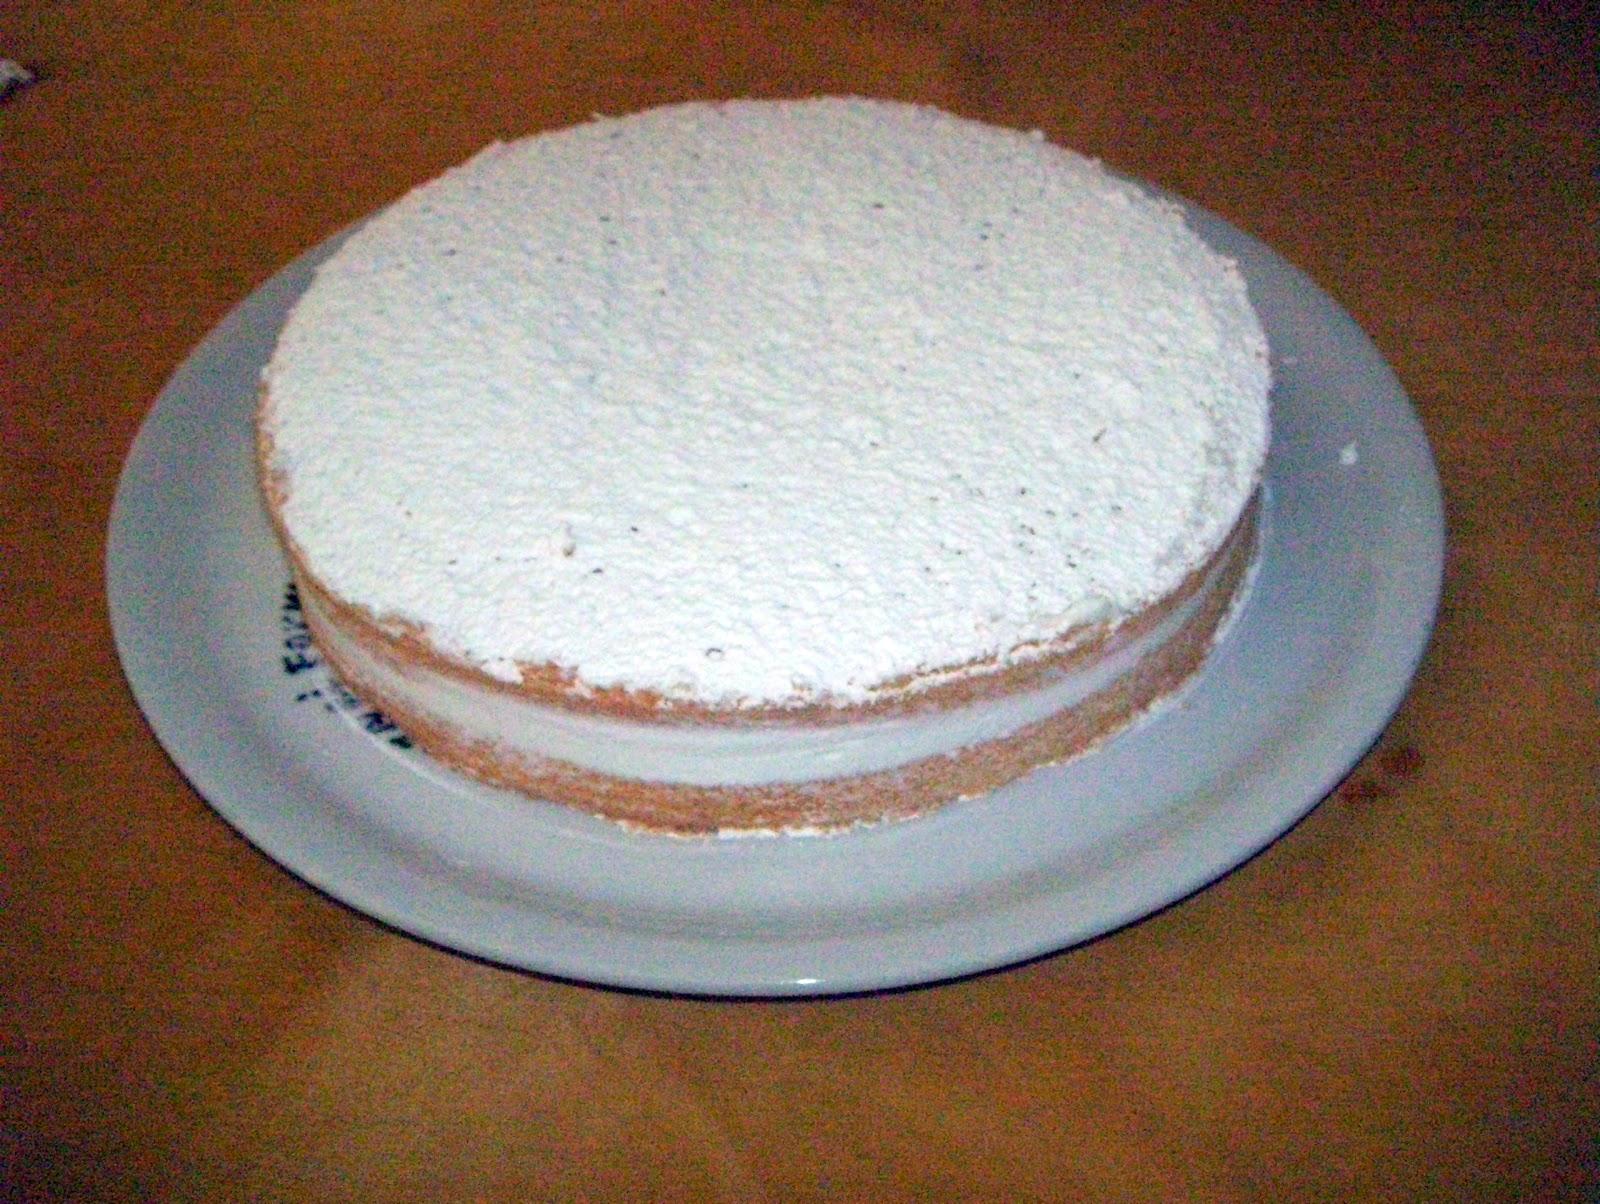 Dolci Da Credenza Torta Paradiso : Pancrostata nisciun è nato mparato. . .: torta paradiso